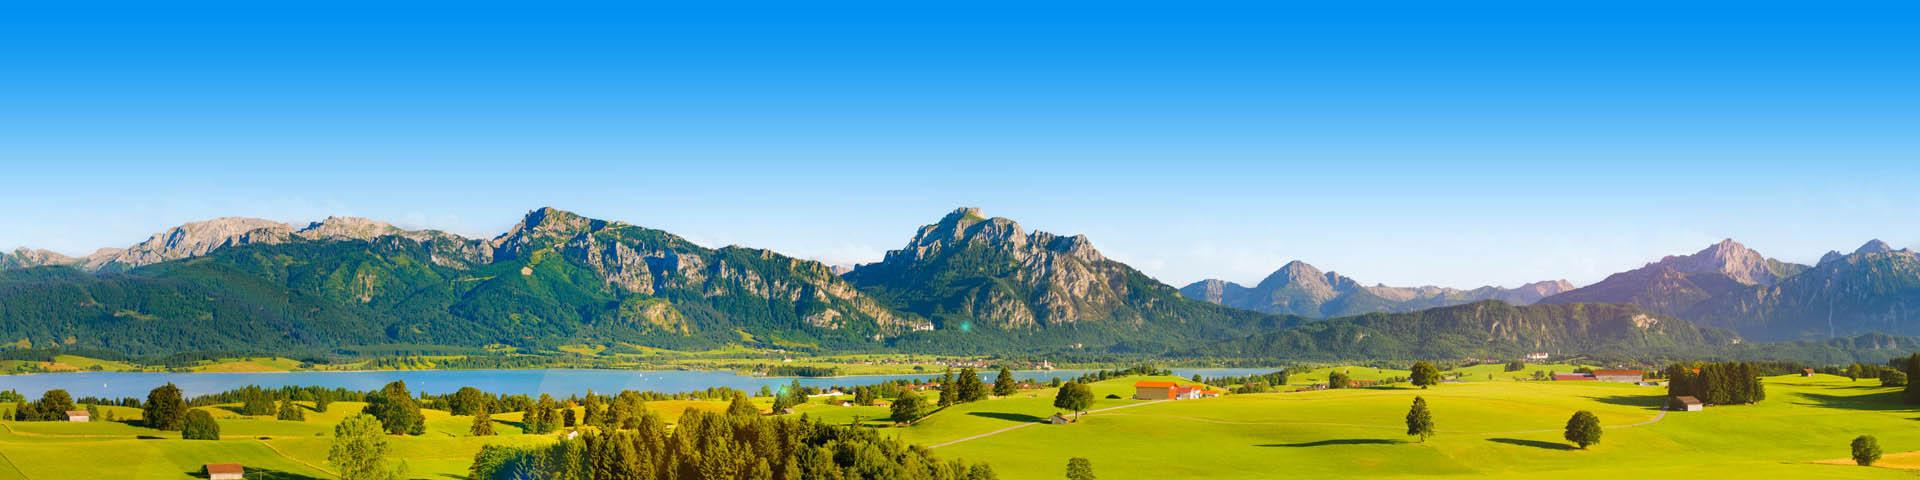 Groen landschap met uitzicht op bergen in Duitsland.